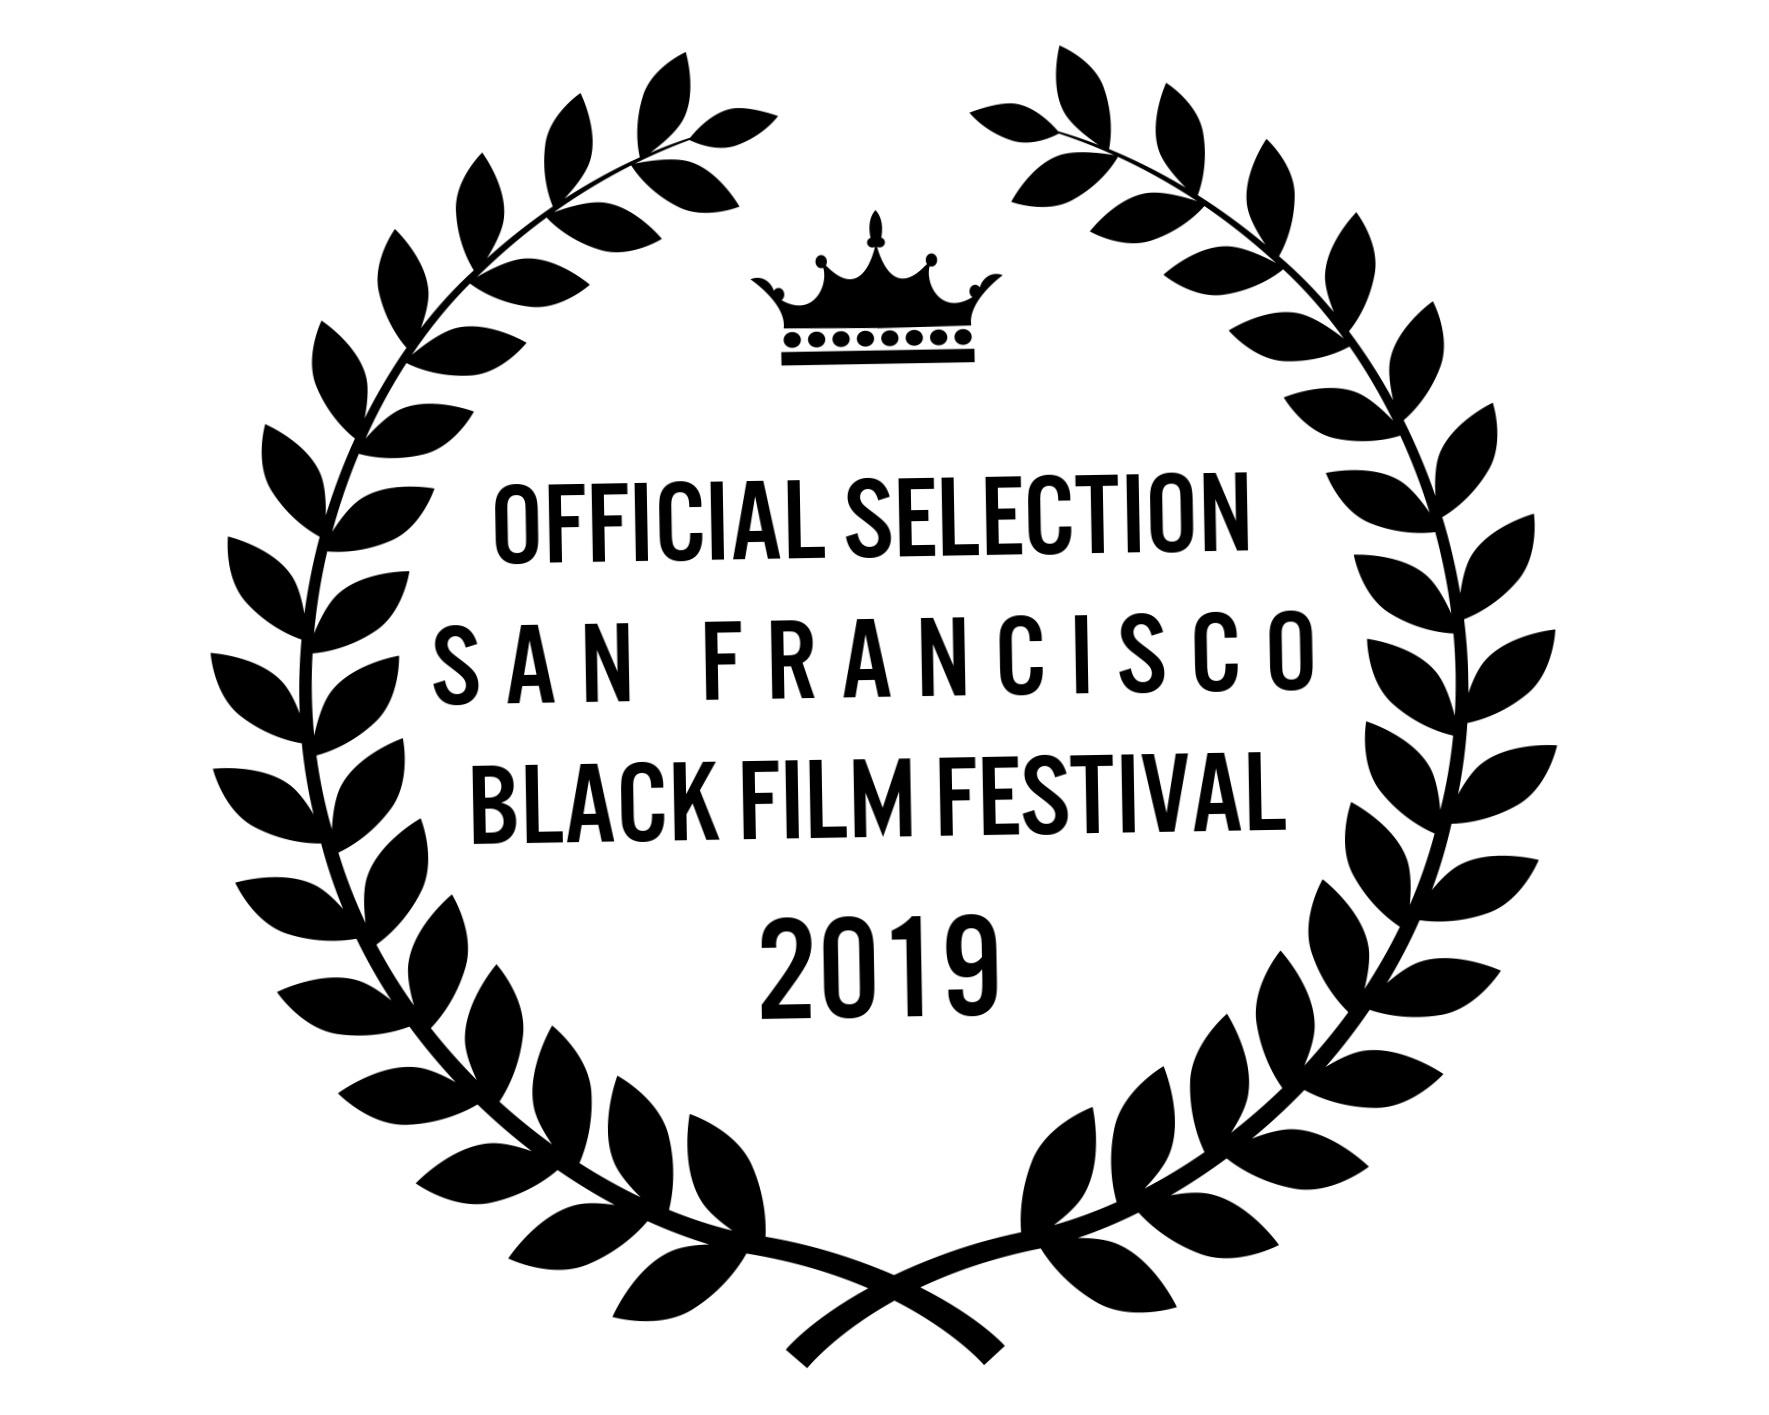 sfbff+laurel+leaf-sfbffxx-2018-black.jpg